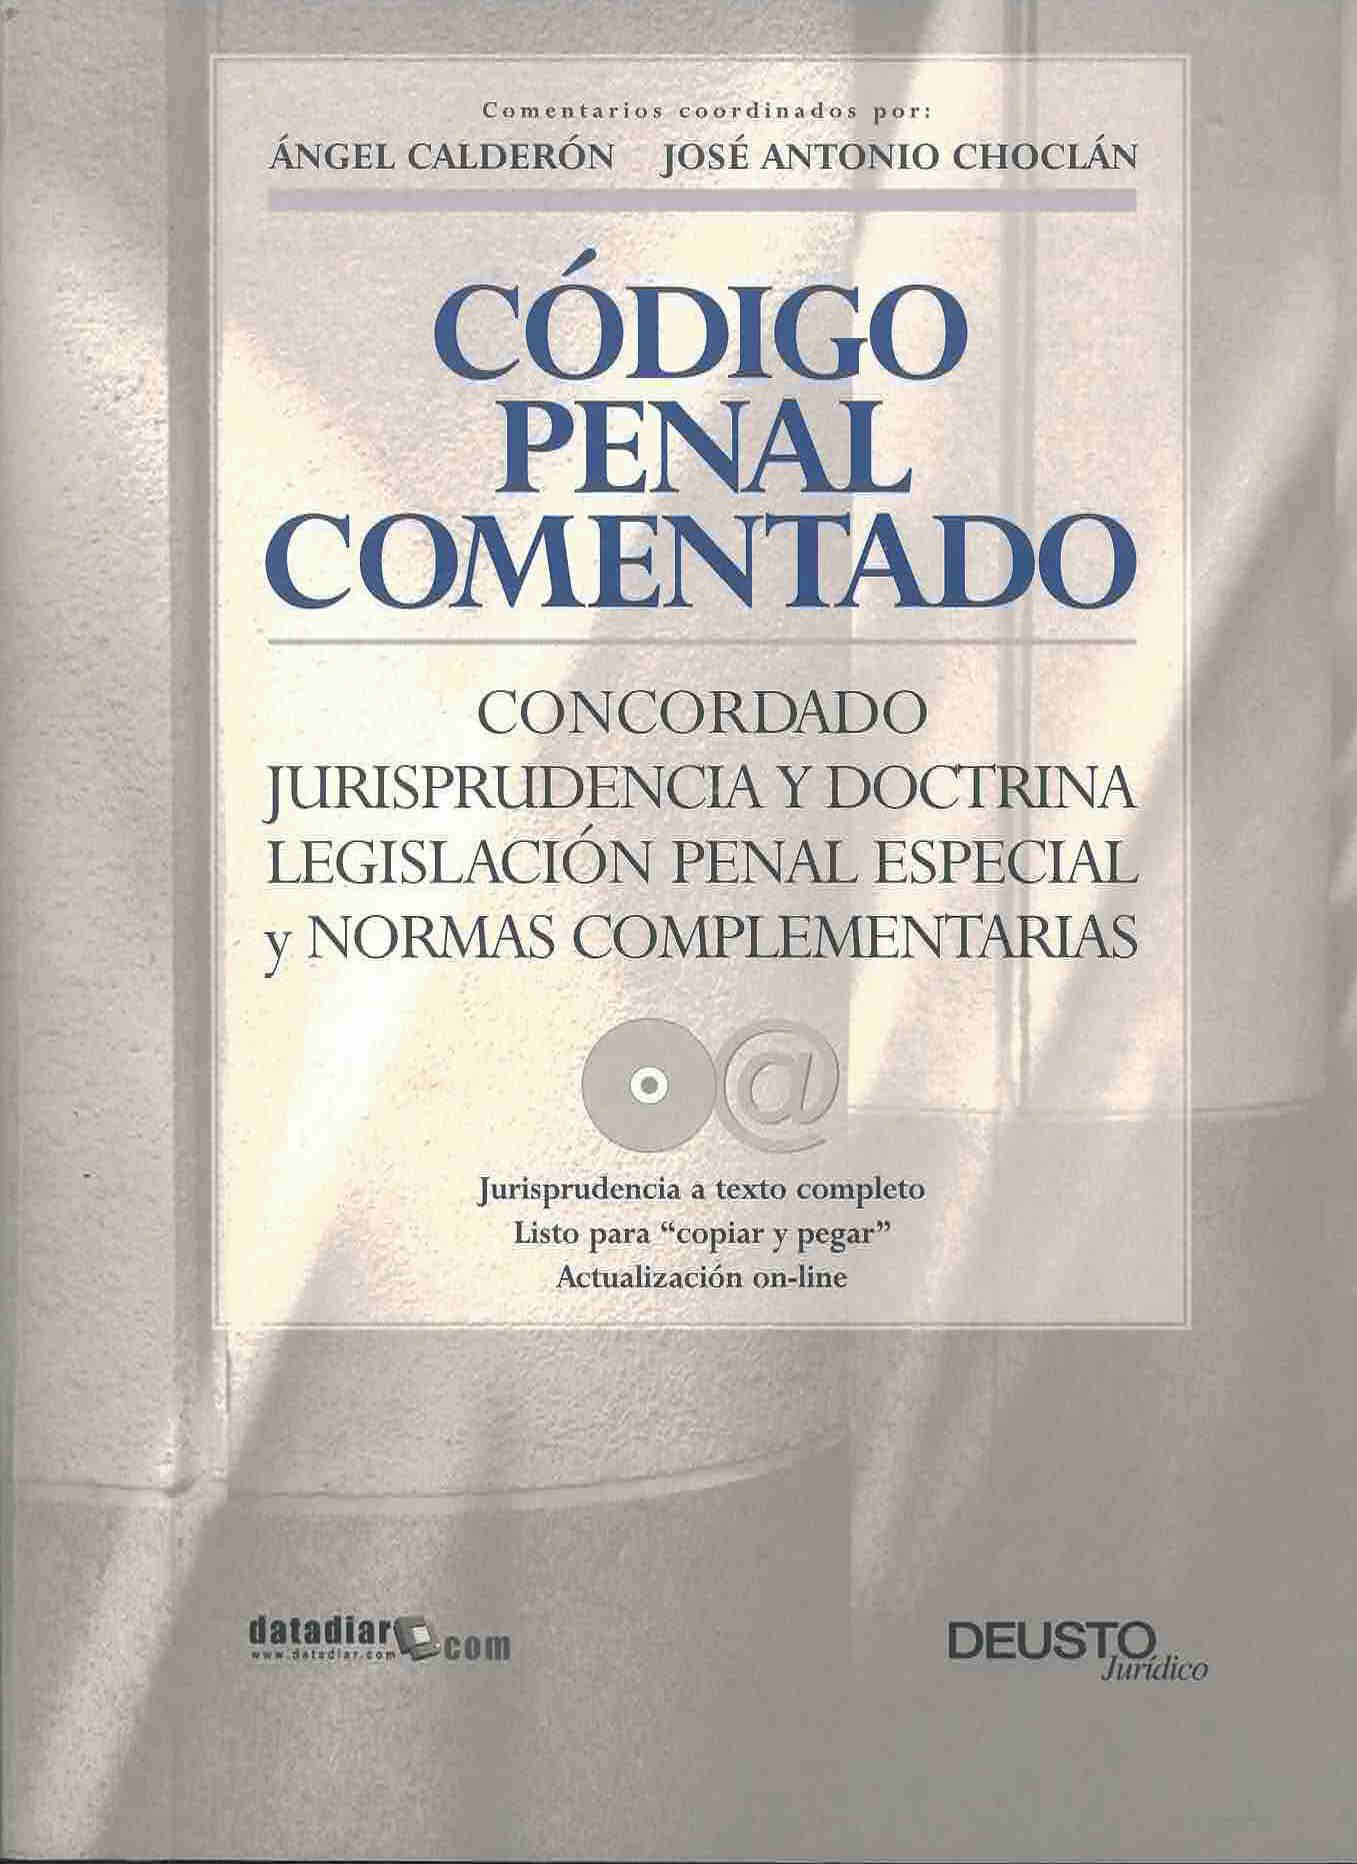 Codigo Penal Comentado 2015 Pdf